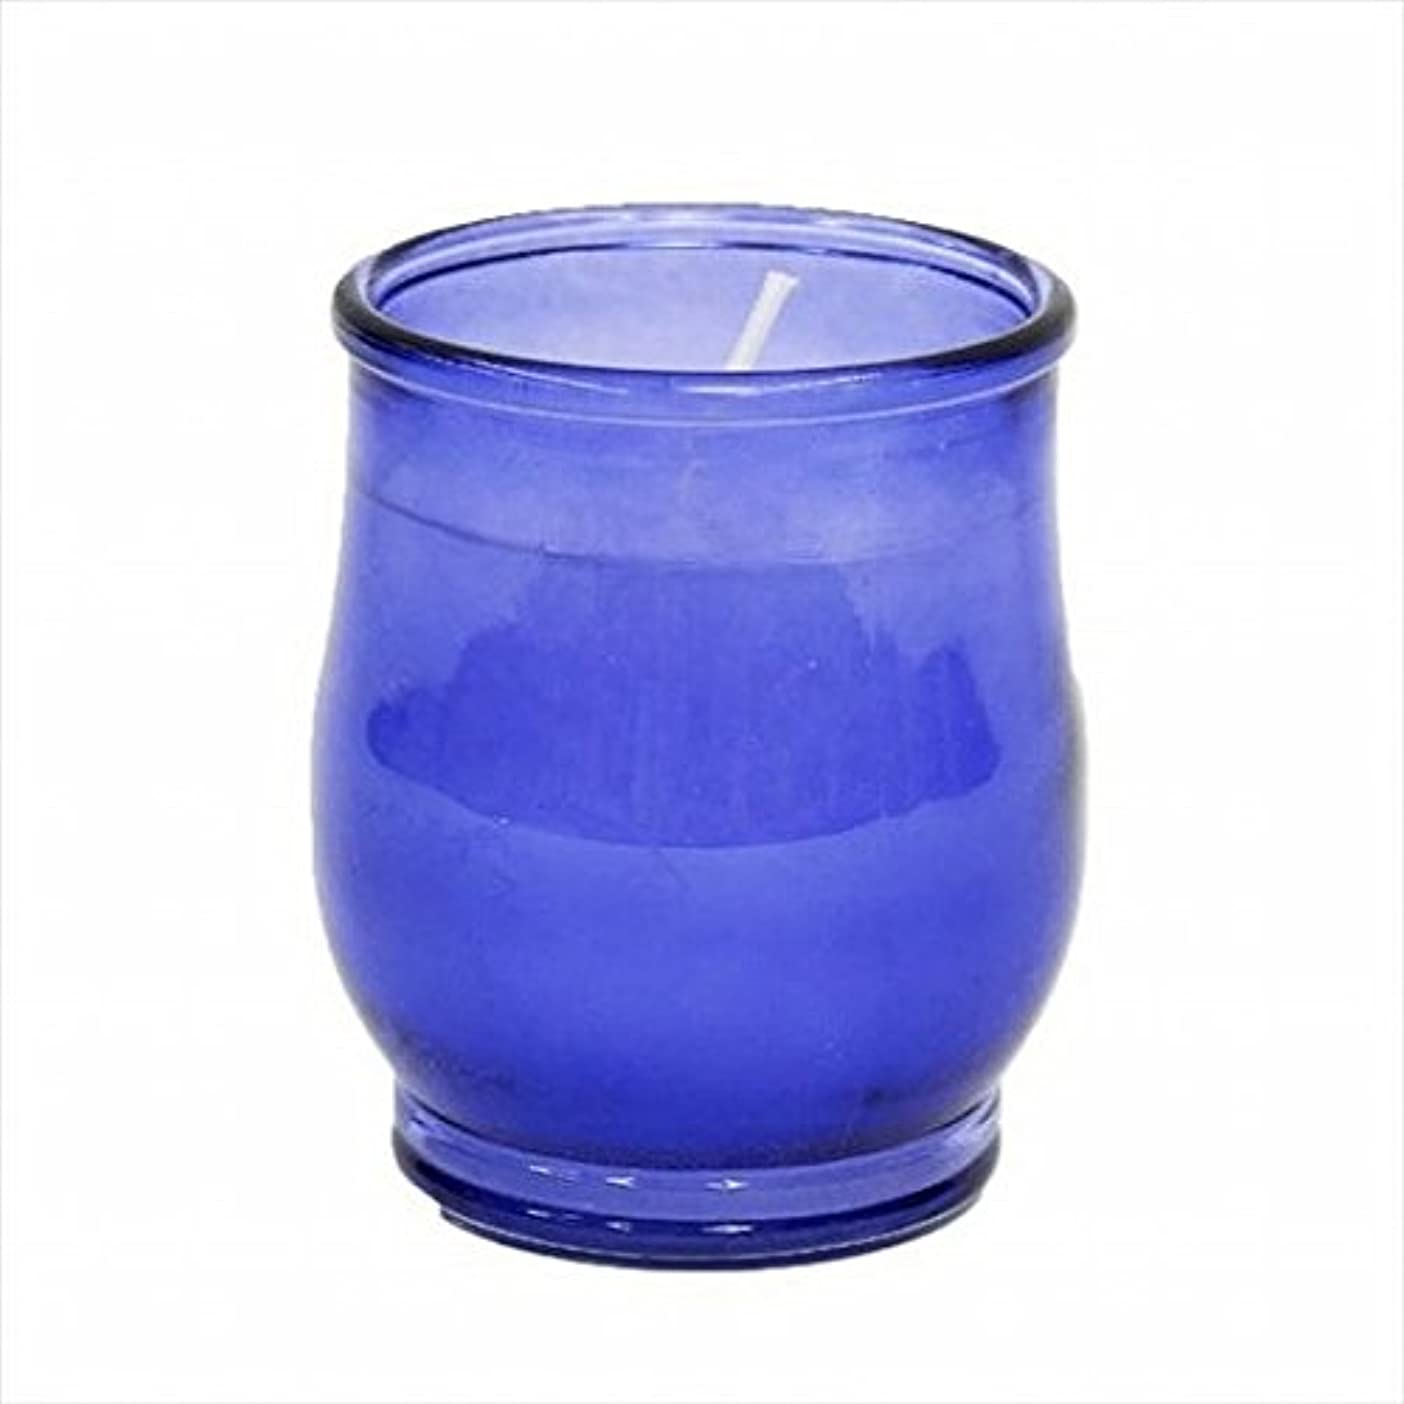 戸口道に迷いました無線kameyama candle(カメヤマキャンドル) ポシェ(非常用コップローソク) 「 ブルー(ライトカラー) 」 キャンドル 68x68x80mm (73020030B)